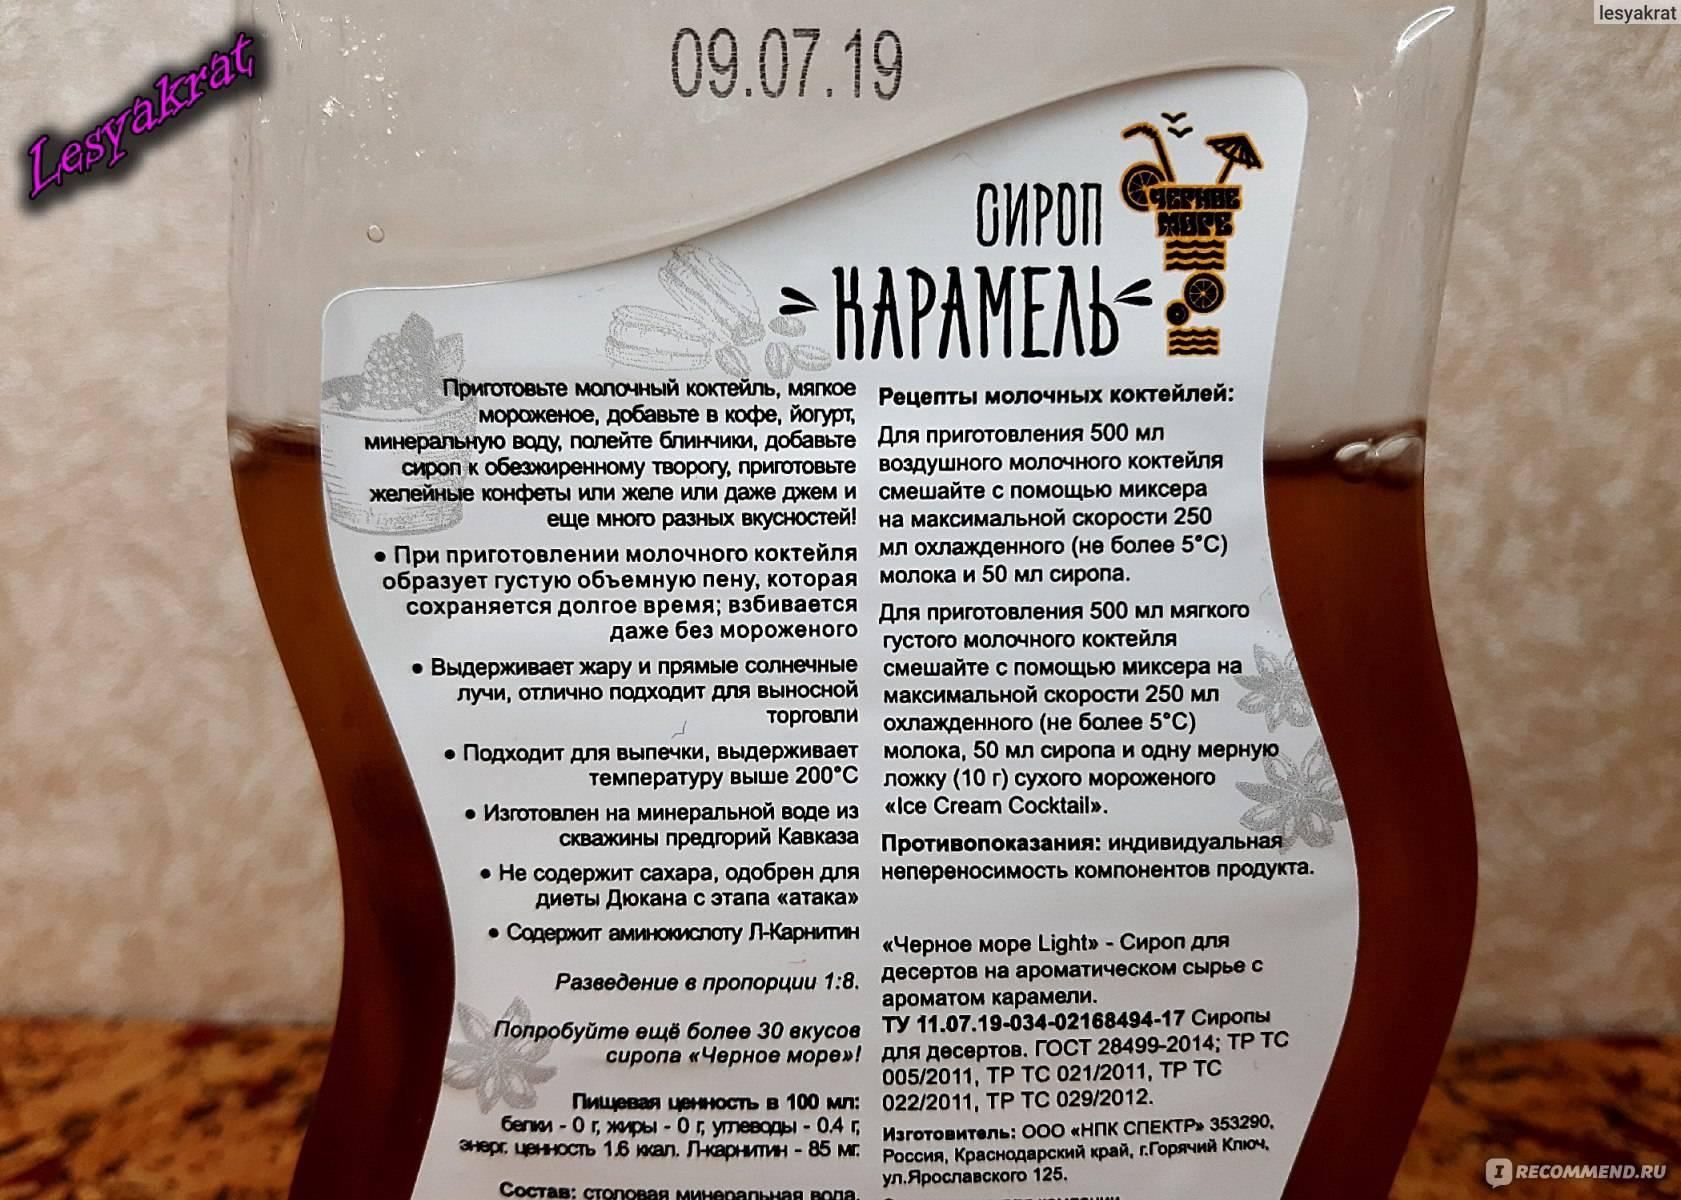 Кофейный сироп - 7 пошаговых фото в рецепте